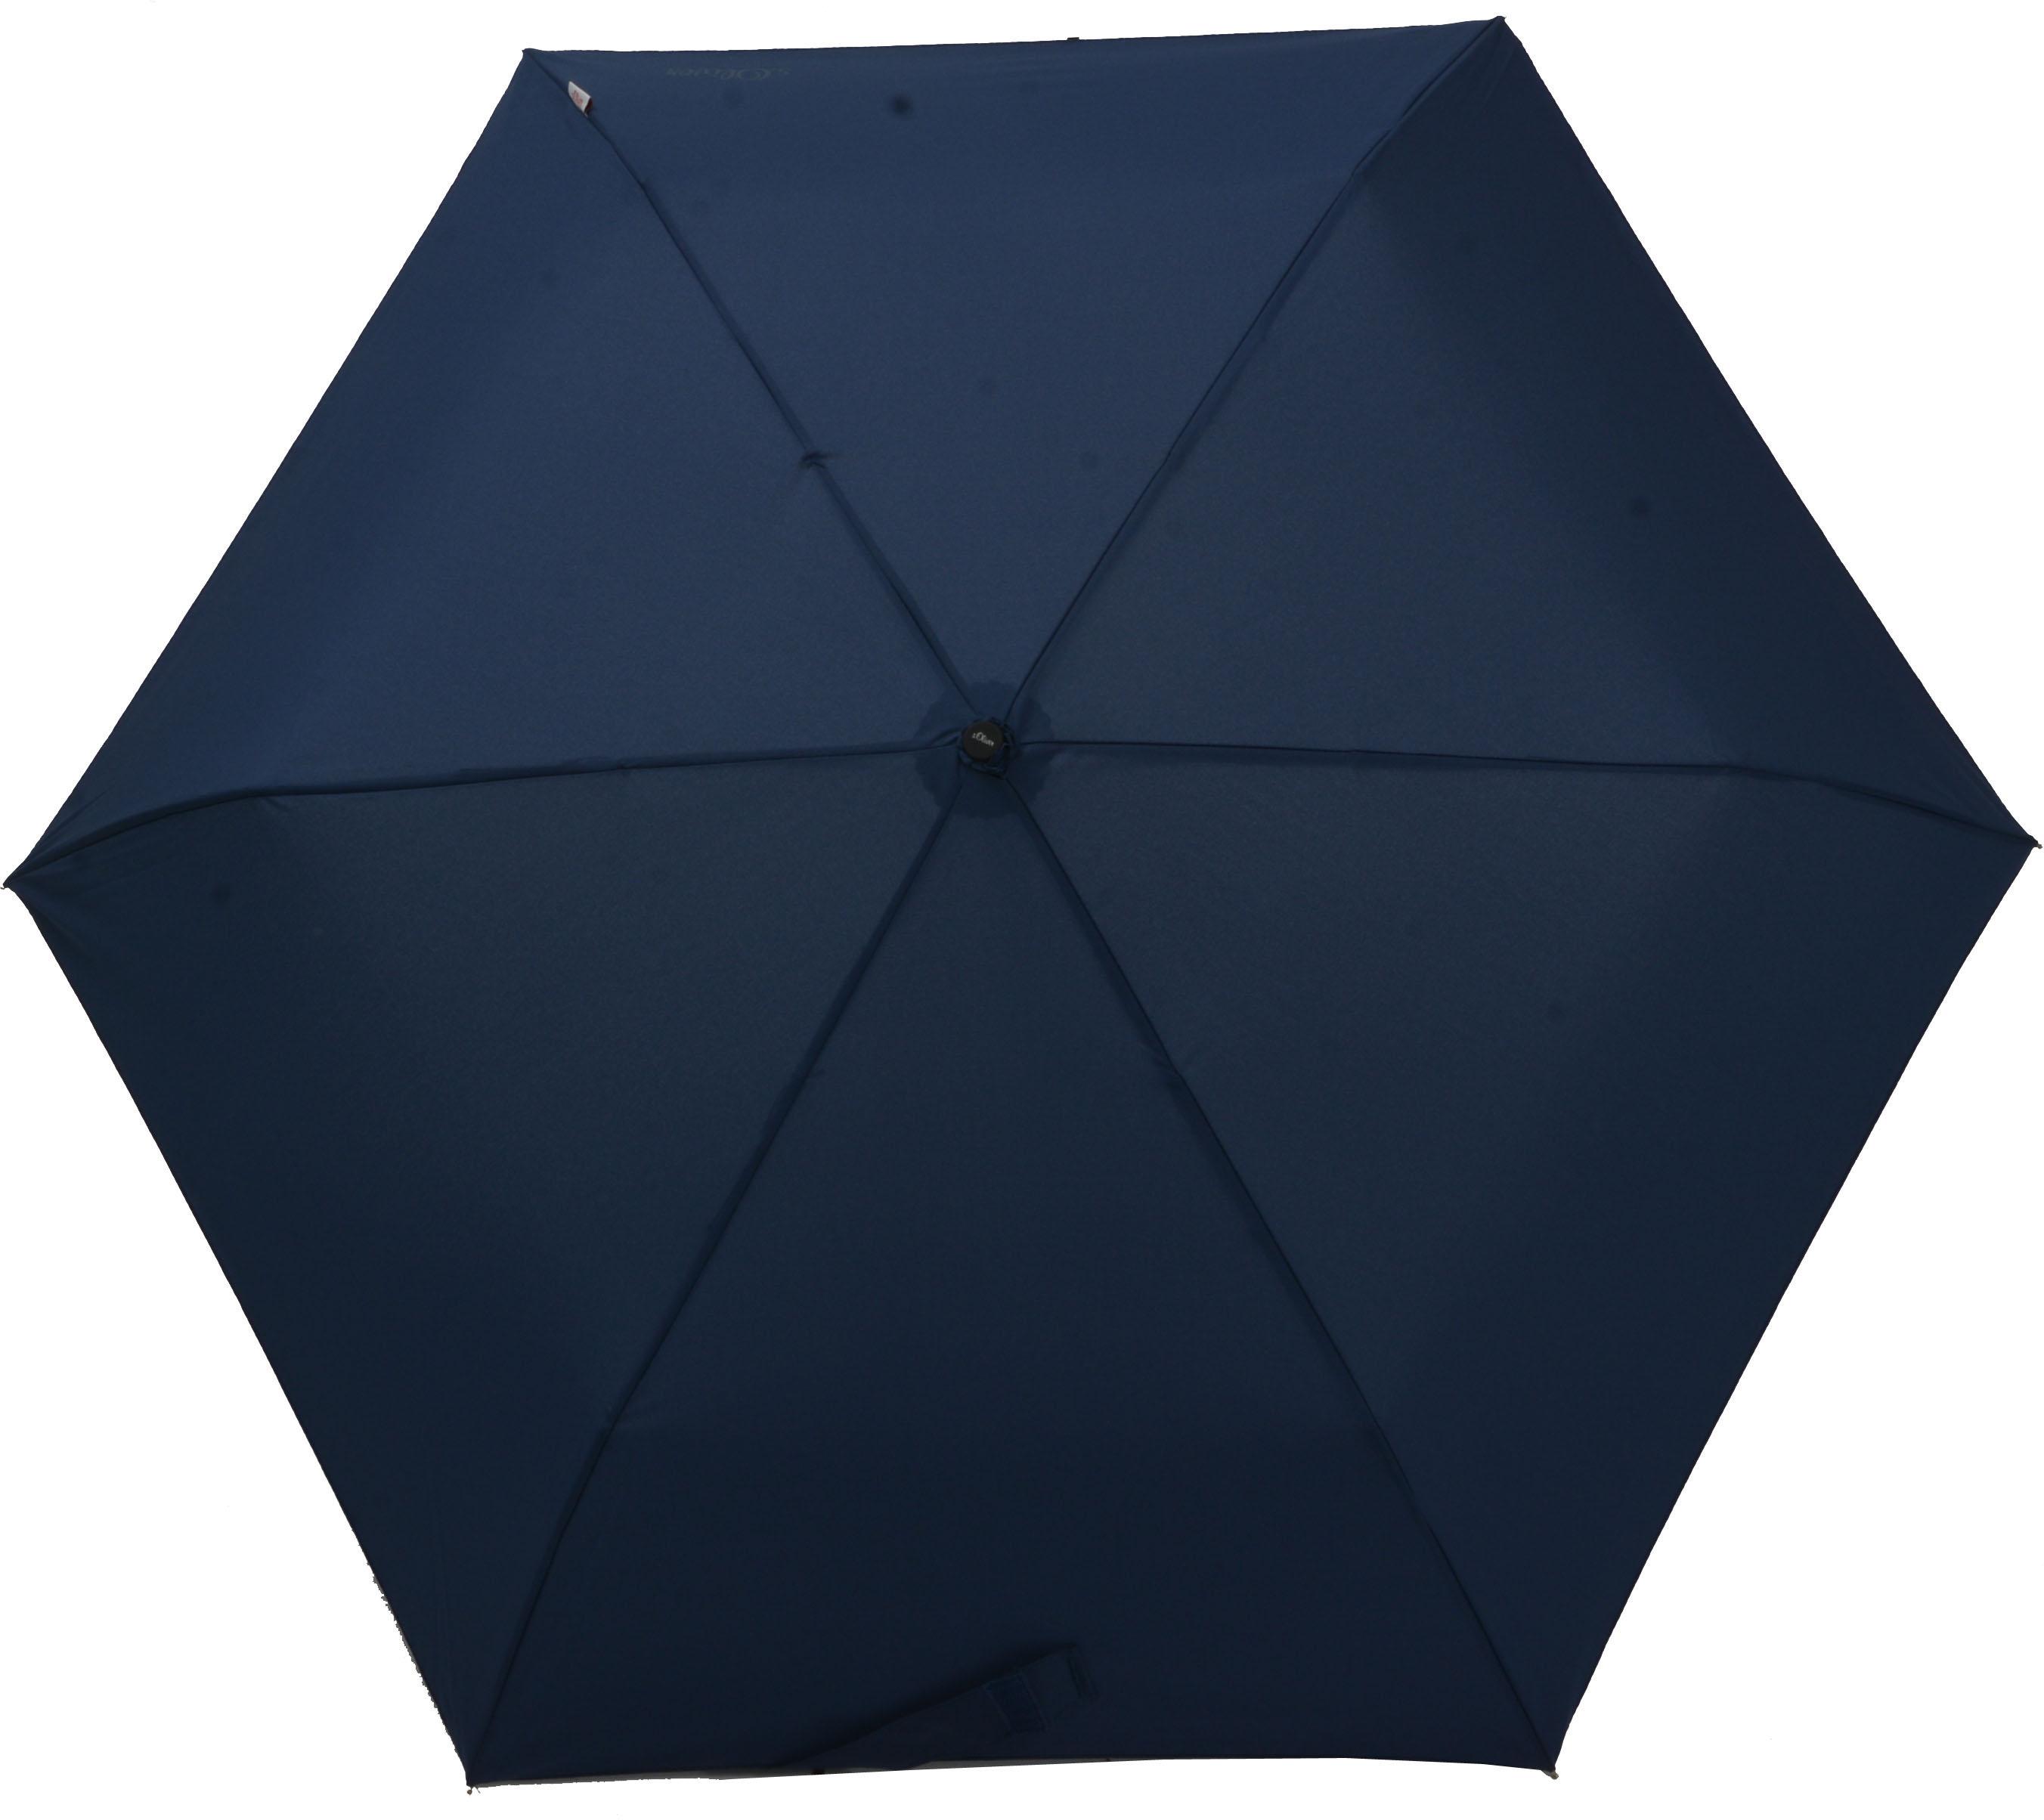 s.Oliver Regenschirm, »Taschenschirm Duopop marine« | Accessoires > Regenschirme | Mehrfarbig | Polyester | S.OLIVER